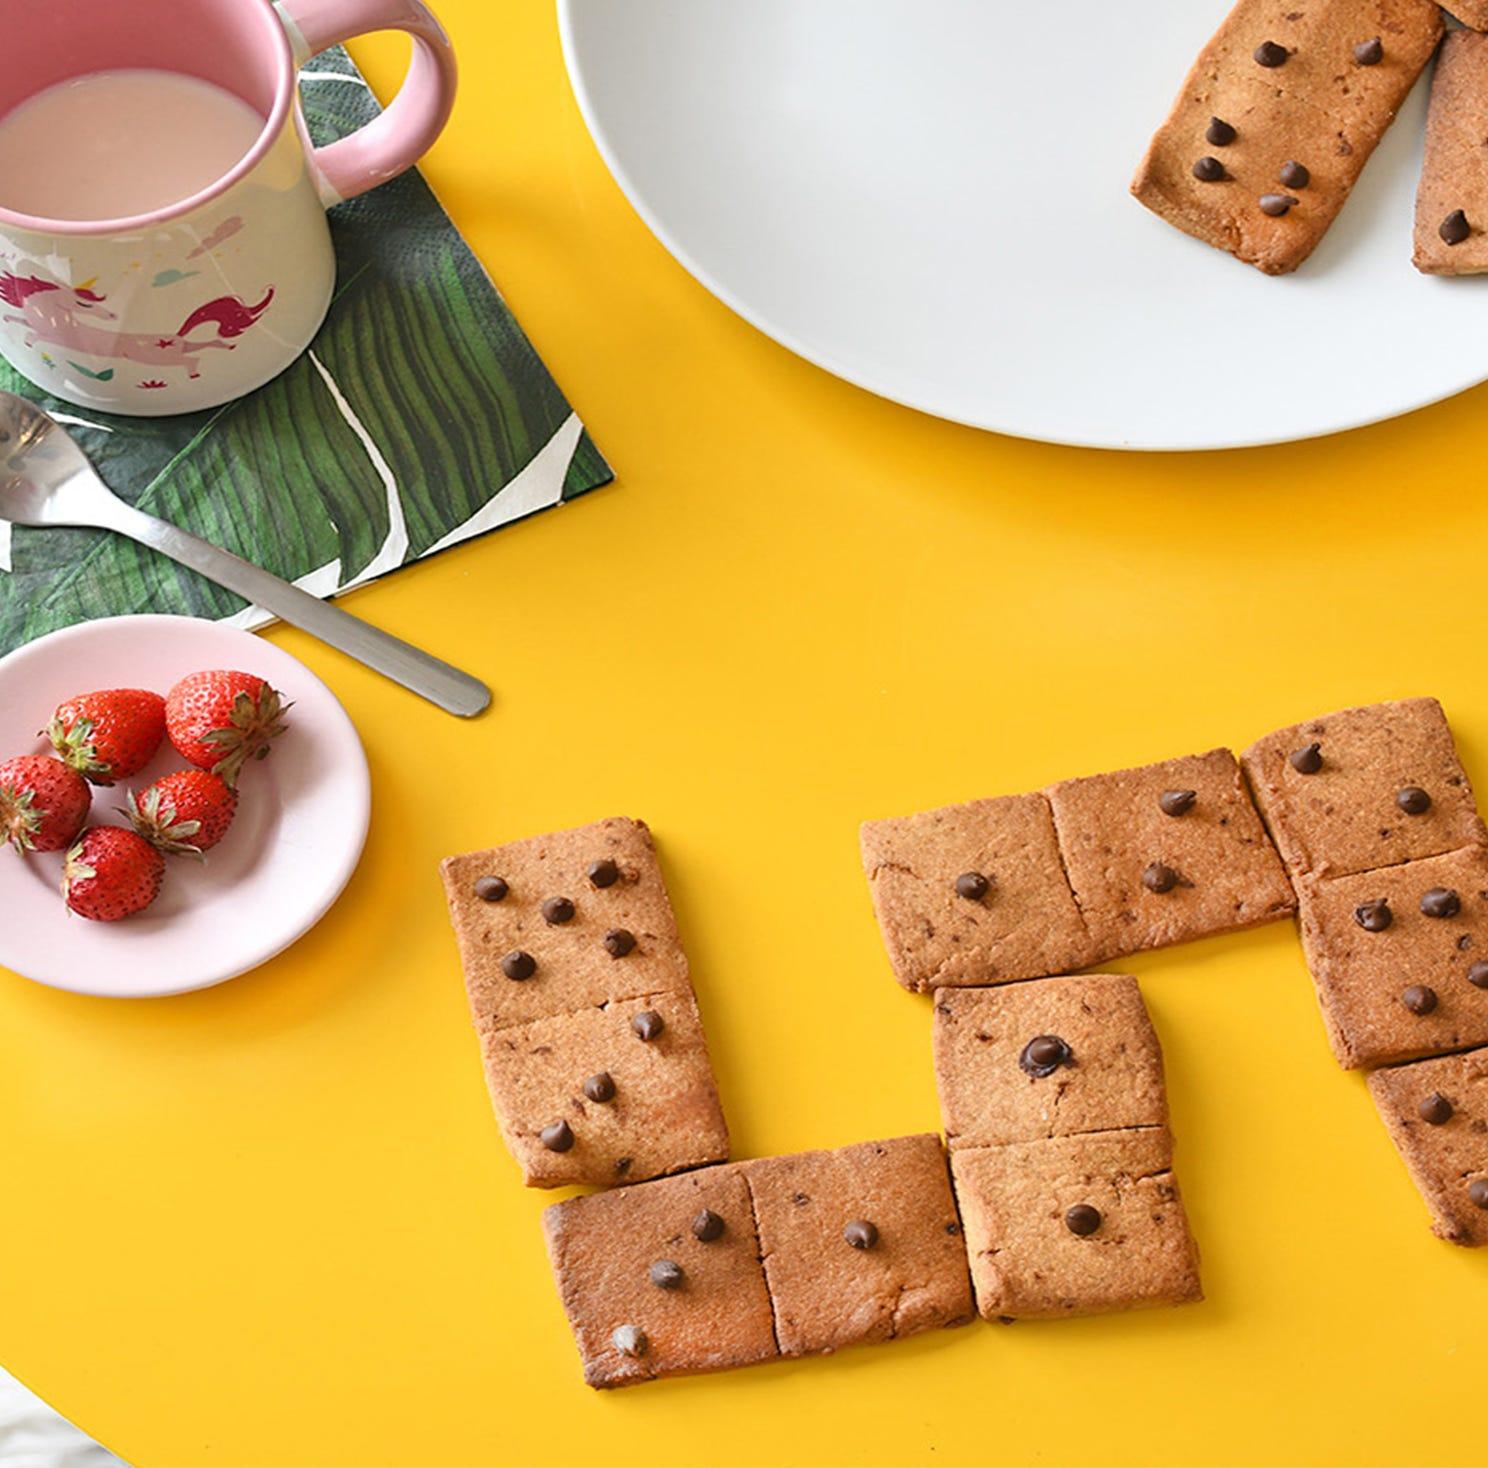 Une recette de sablés dominos facile et rapide à préparer pour amuser et régaler vos loulous à l'heure du goûter !